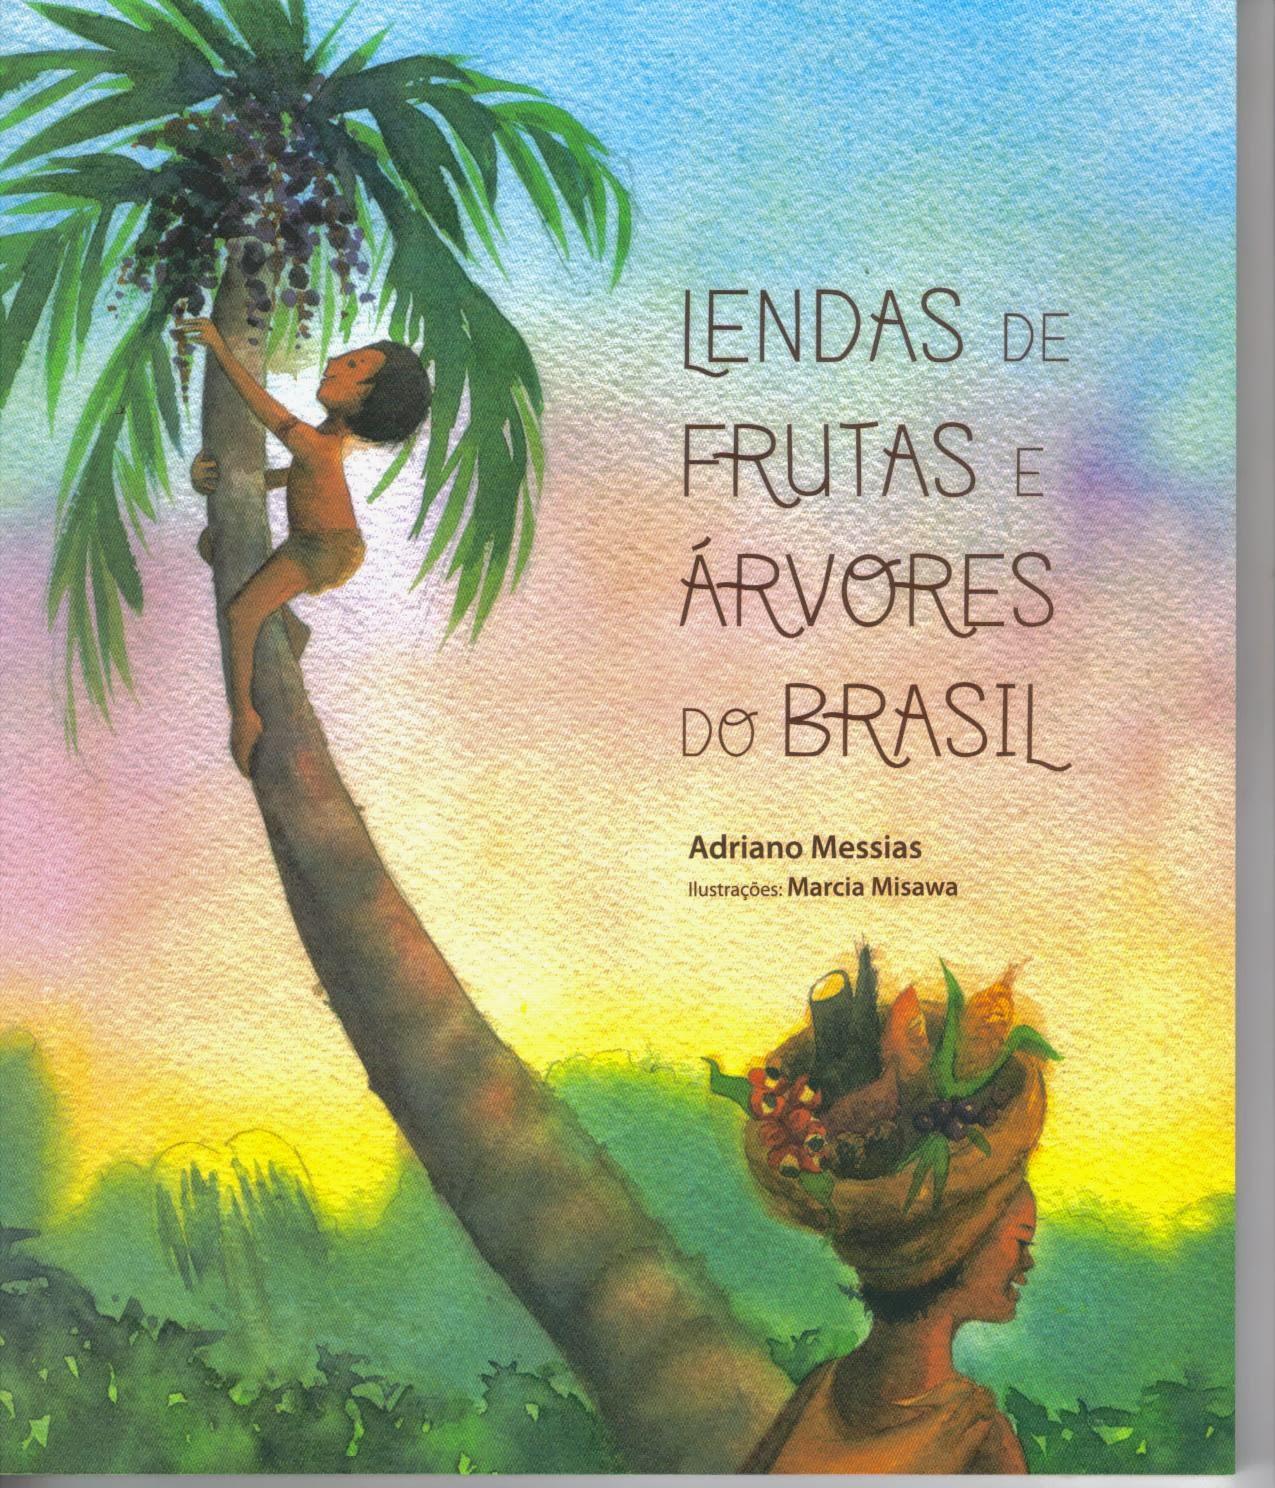 LENDAS E FRUTAS DE ÁRVORES DO BRASIL